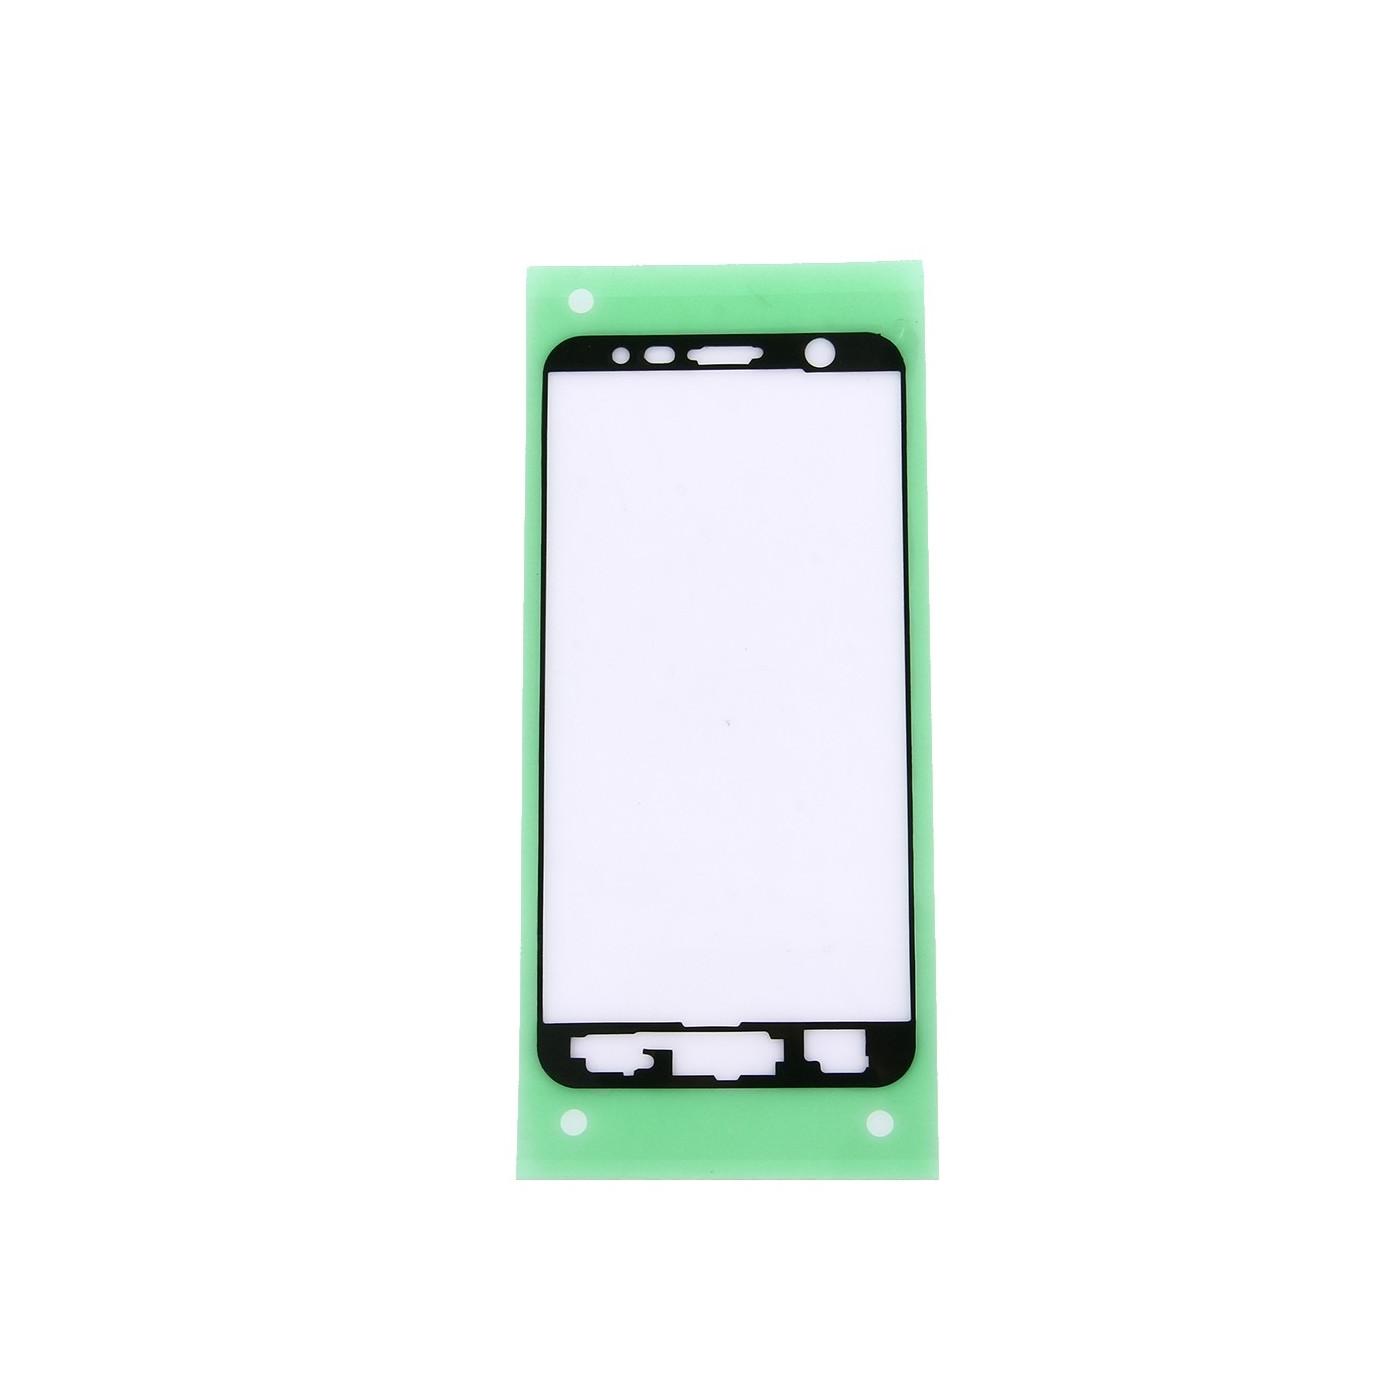 Adhésif double face en verre pour Samsung Galaxy J7 Prime G610